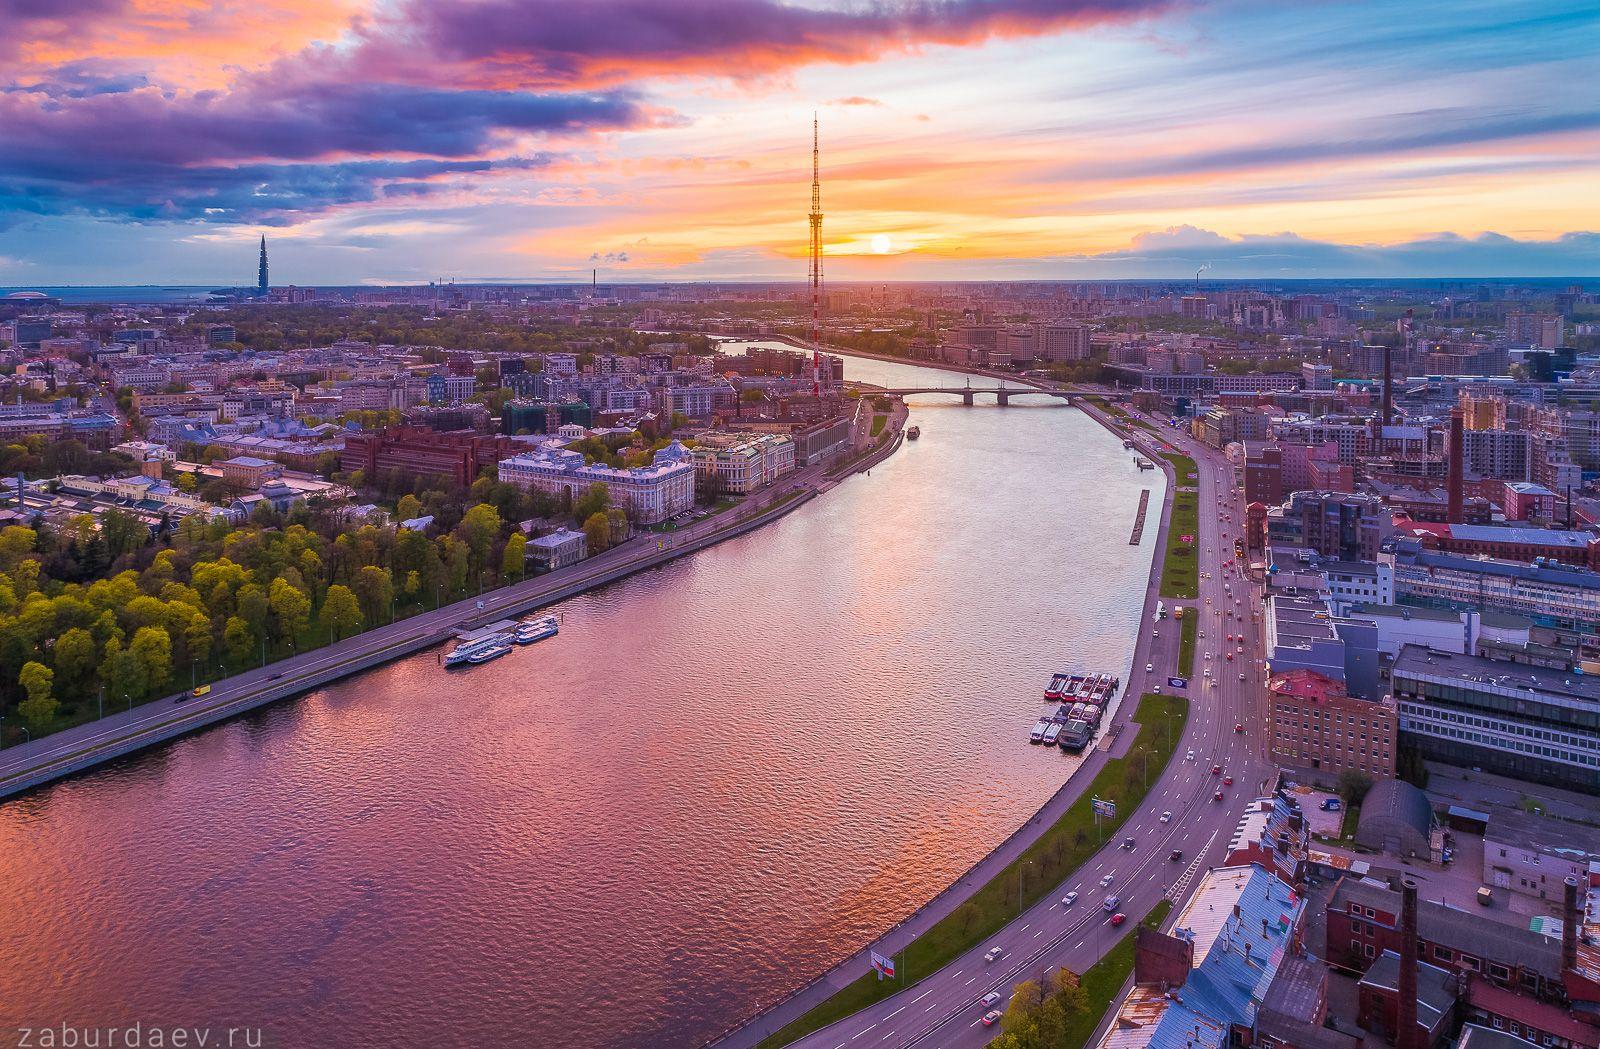 Перед дождем россия петербург весна вечер закат дрон река